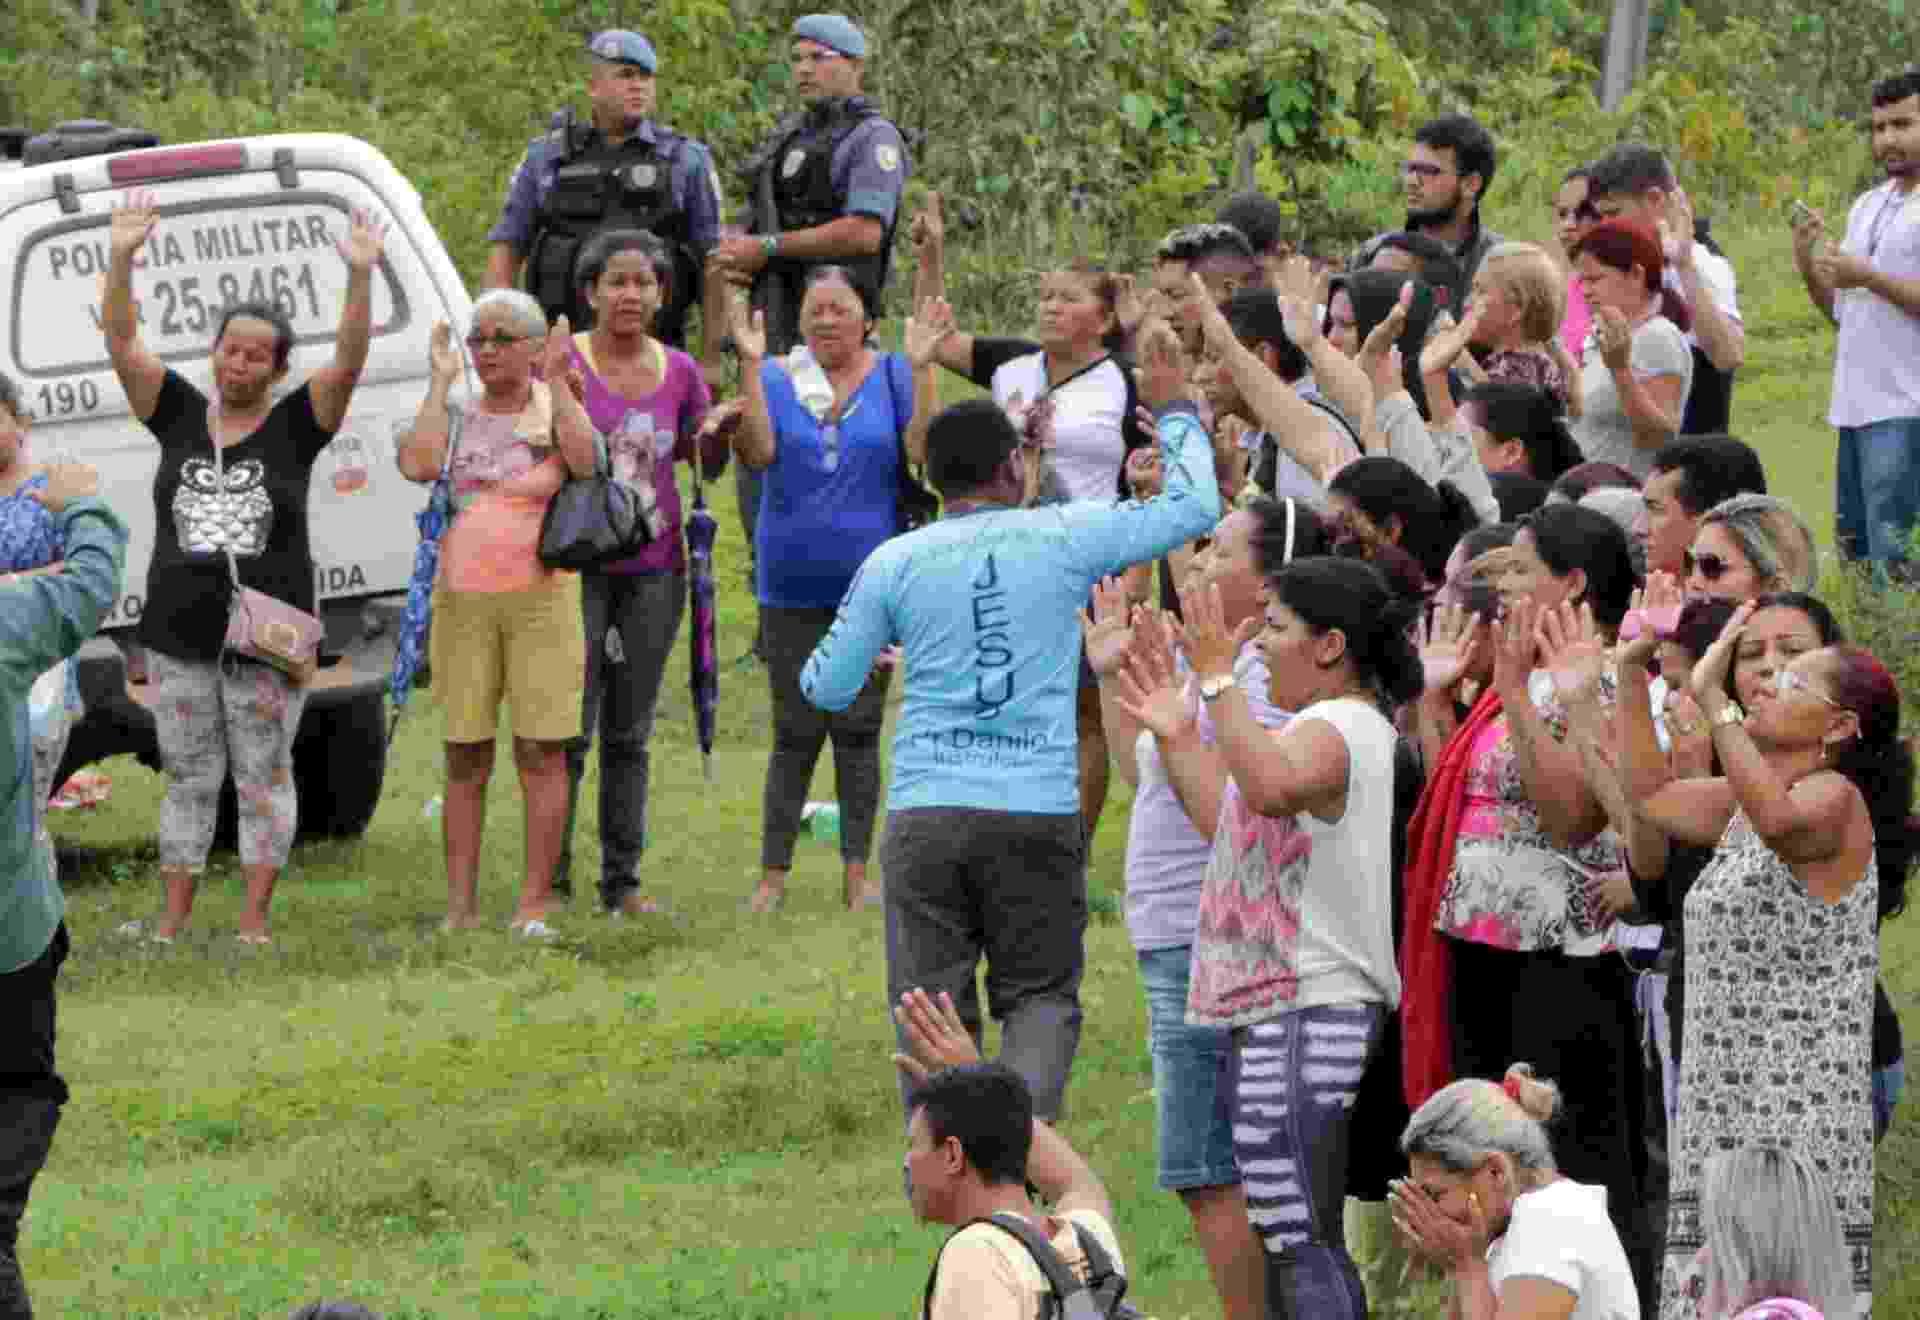 2.jan.2017 - Familiares dos presos rezam juntos em frente a entrada do Complexo Penitenciário Anísio Jobim, em Manaus, durante a rebelião que terminou com a morte de 56 pessoas - Jair Araujo/AFP